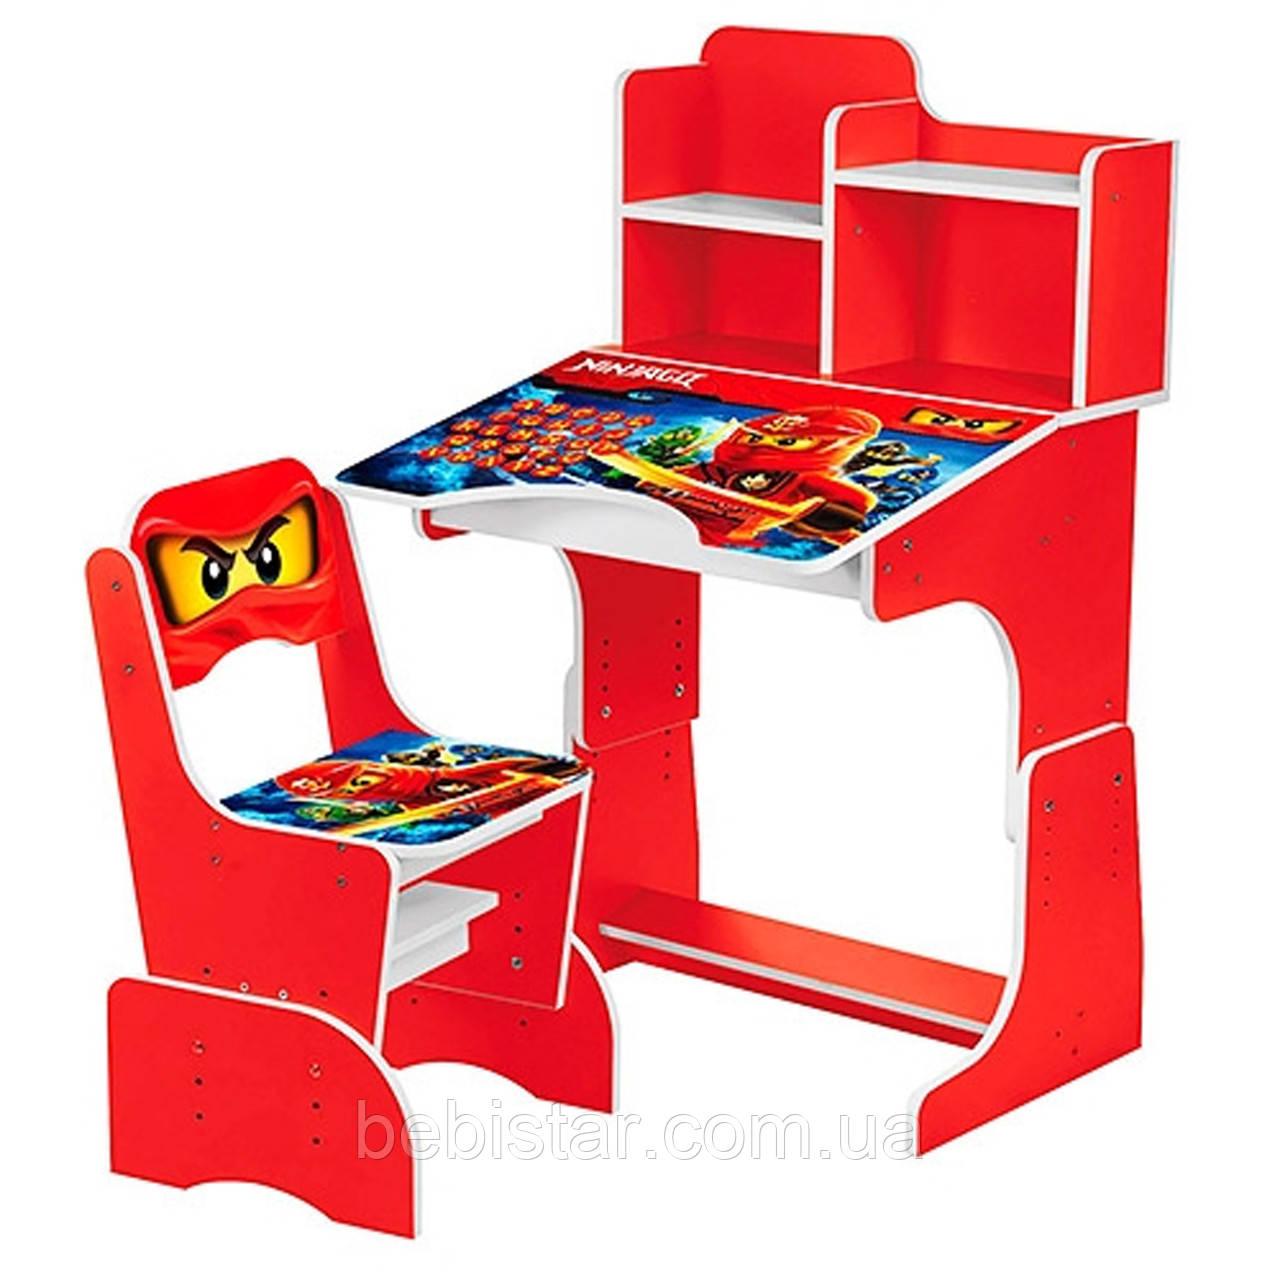 Детская парта со стульчиком (ниндзя красная) для мальчиков